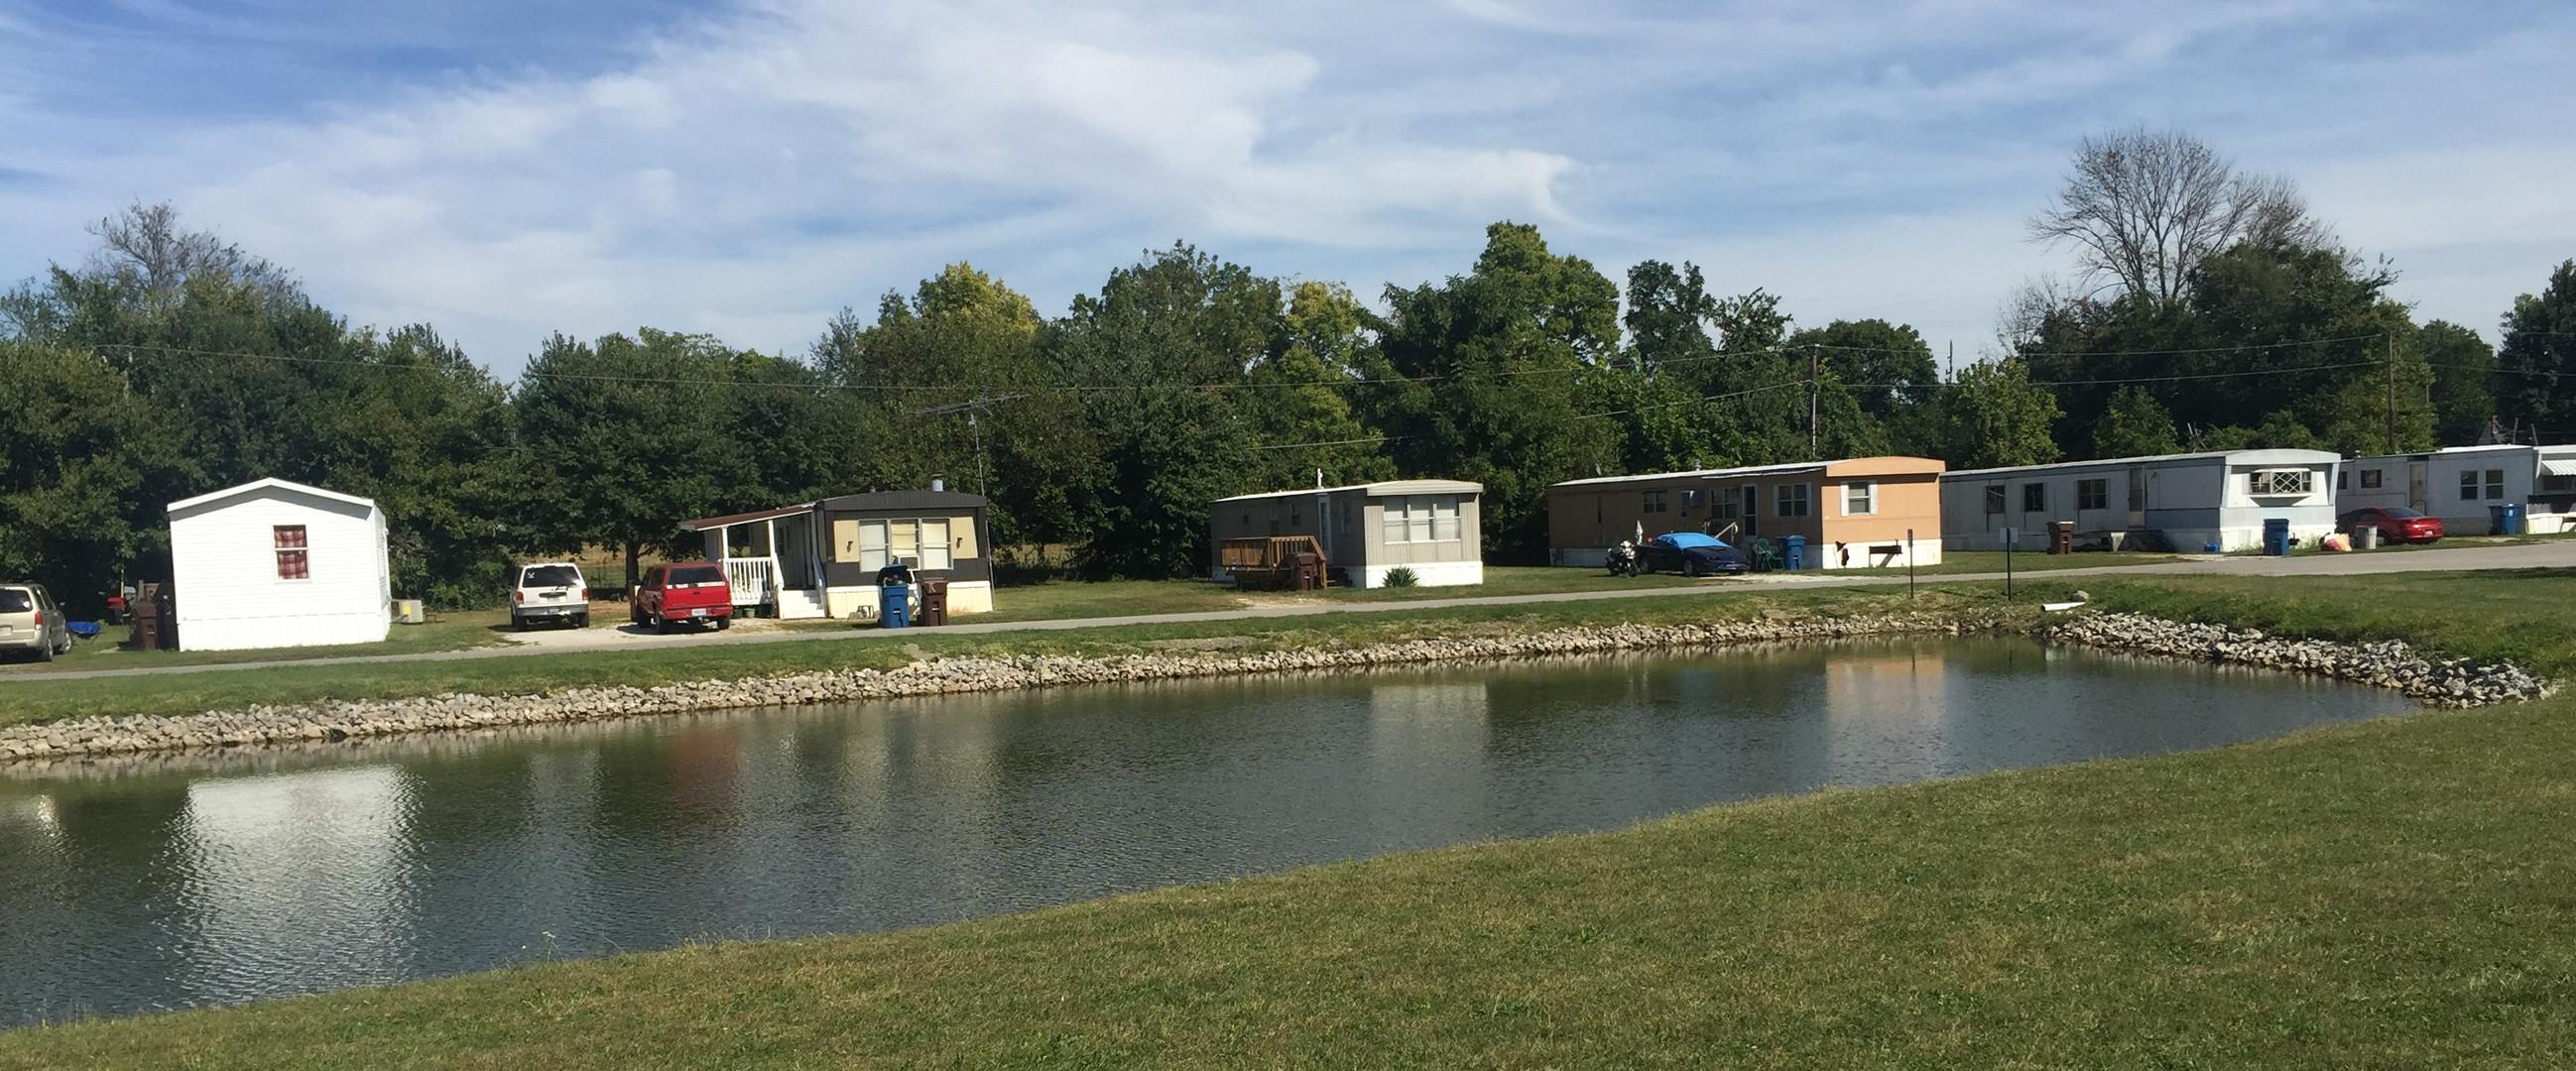 Homes on Fox Lake.JPG